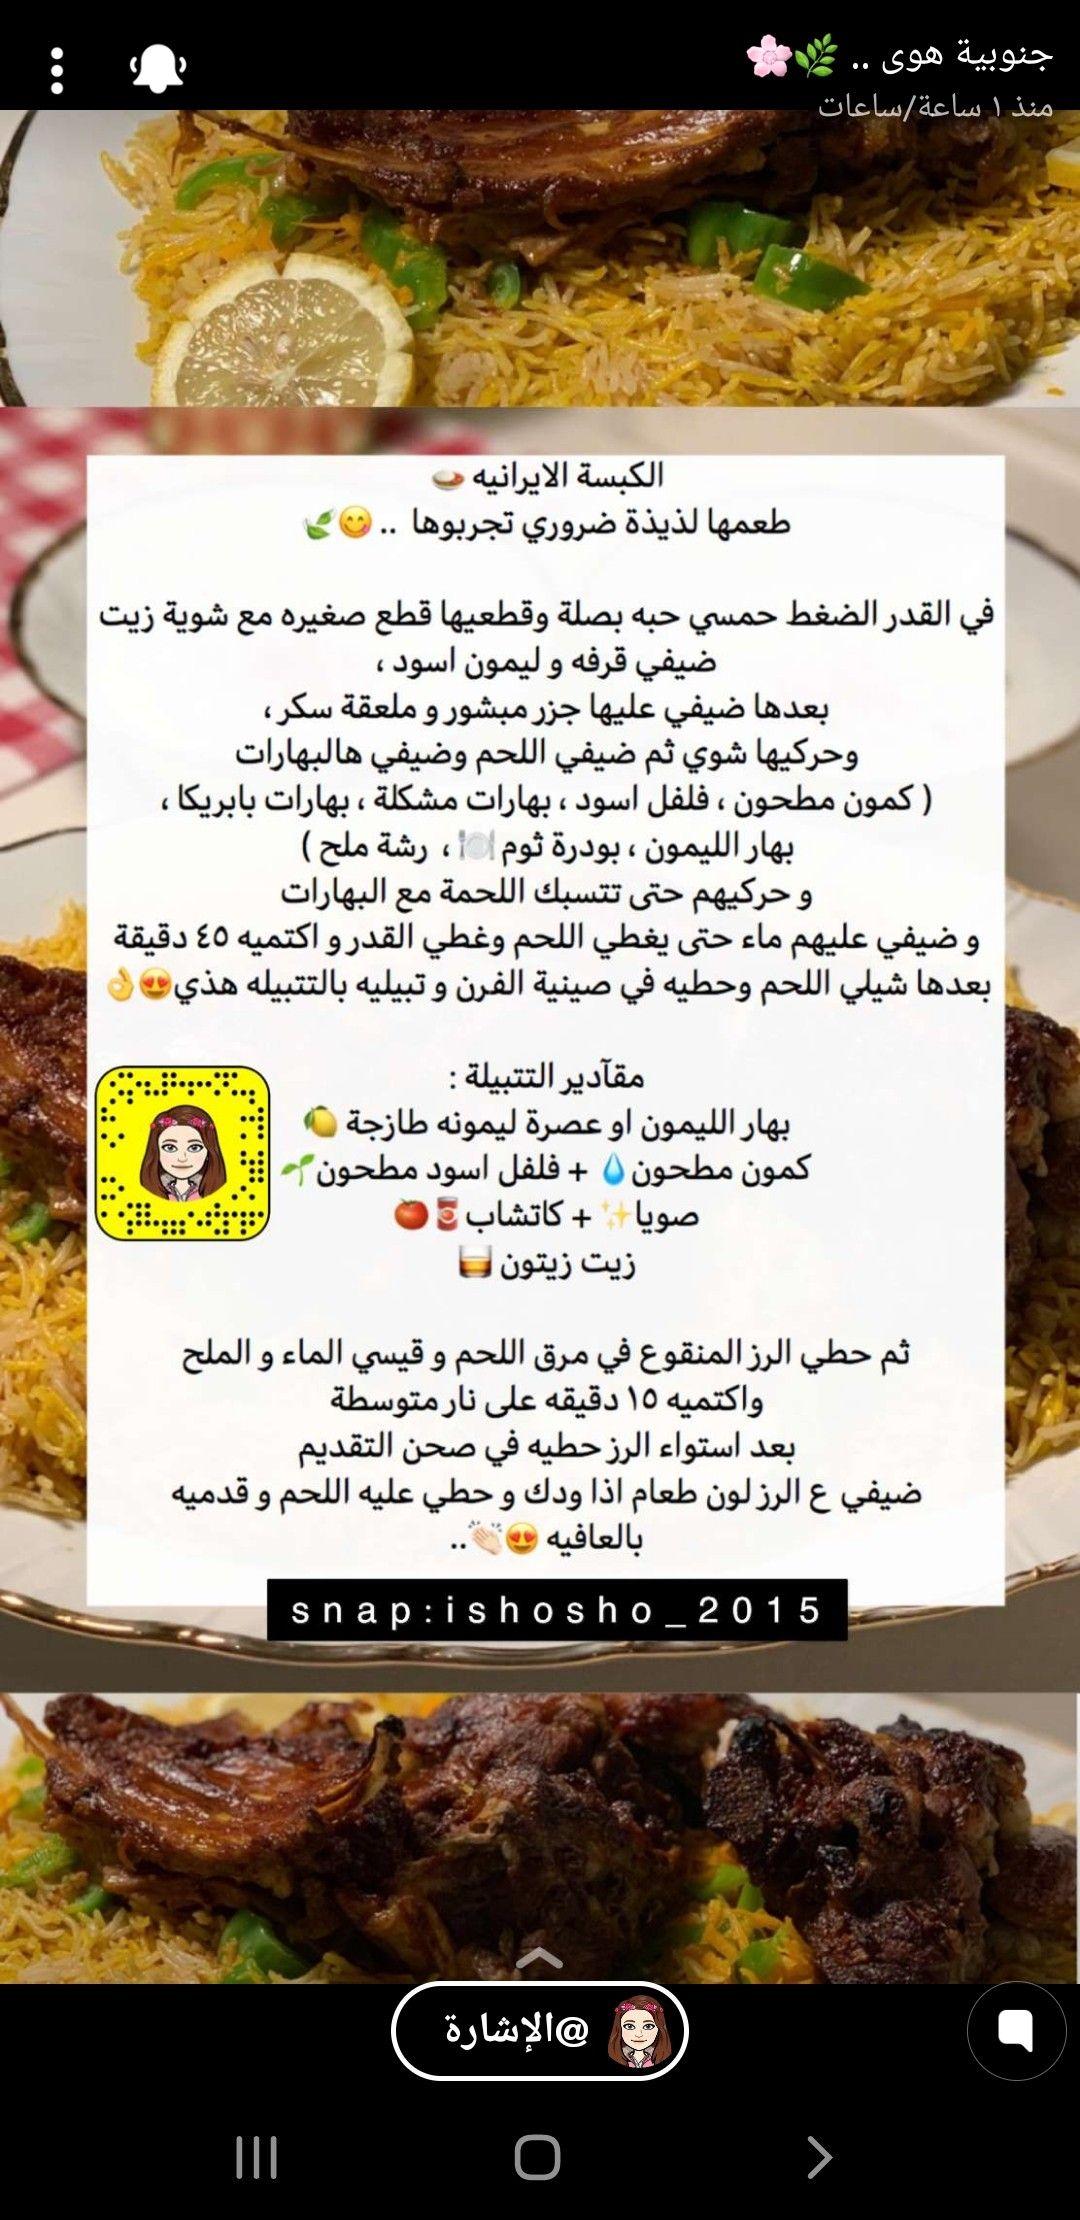 رز ايراني In 2021 Cookout Food Food And Drink Food